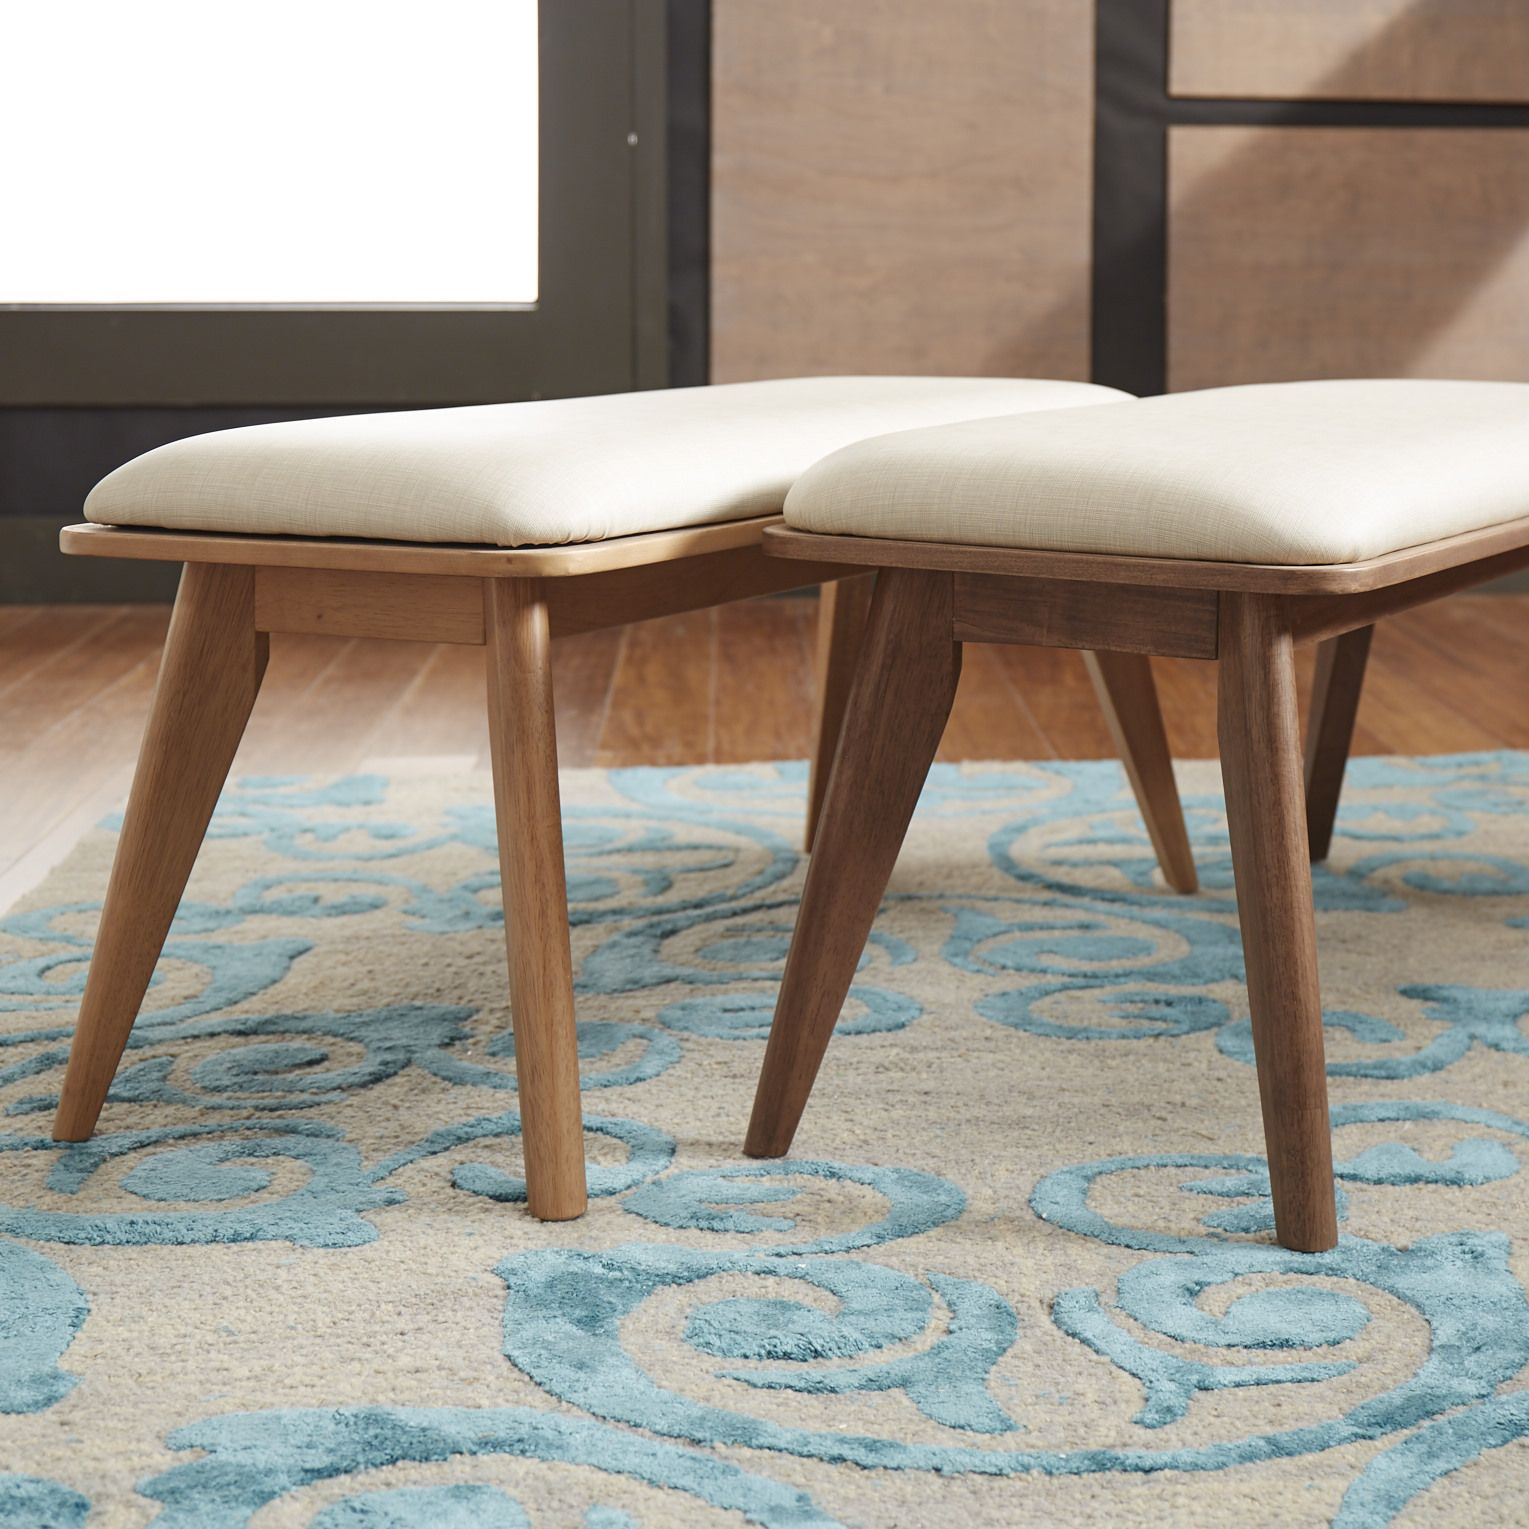 Penelope Danish Modern Upholstered Dining Bench iNSPIRE Q Modern by iNSPIRE  Q